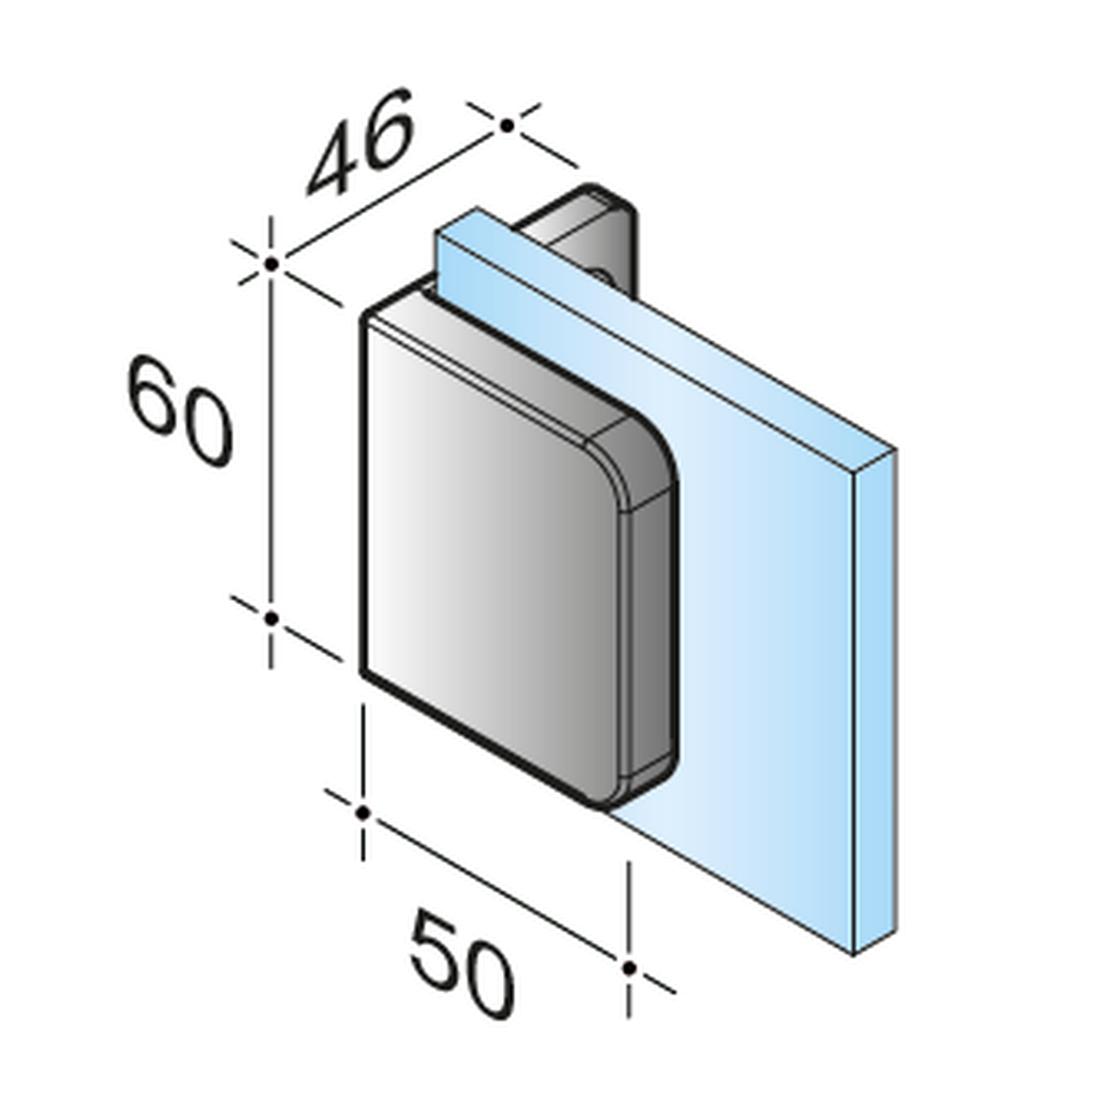 SWING PICCOLO 90° - CONNECTOR I GLASS - WALL, RIGID